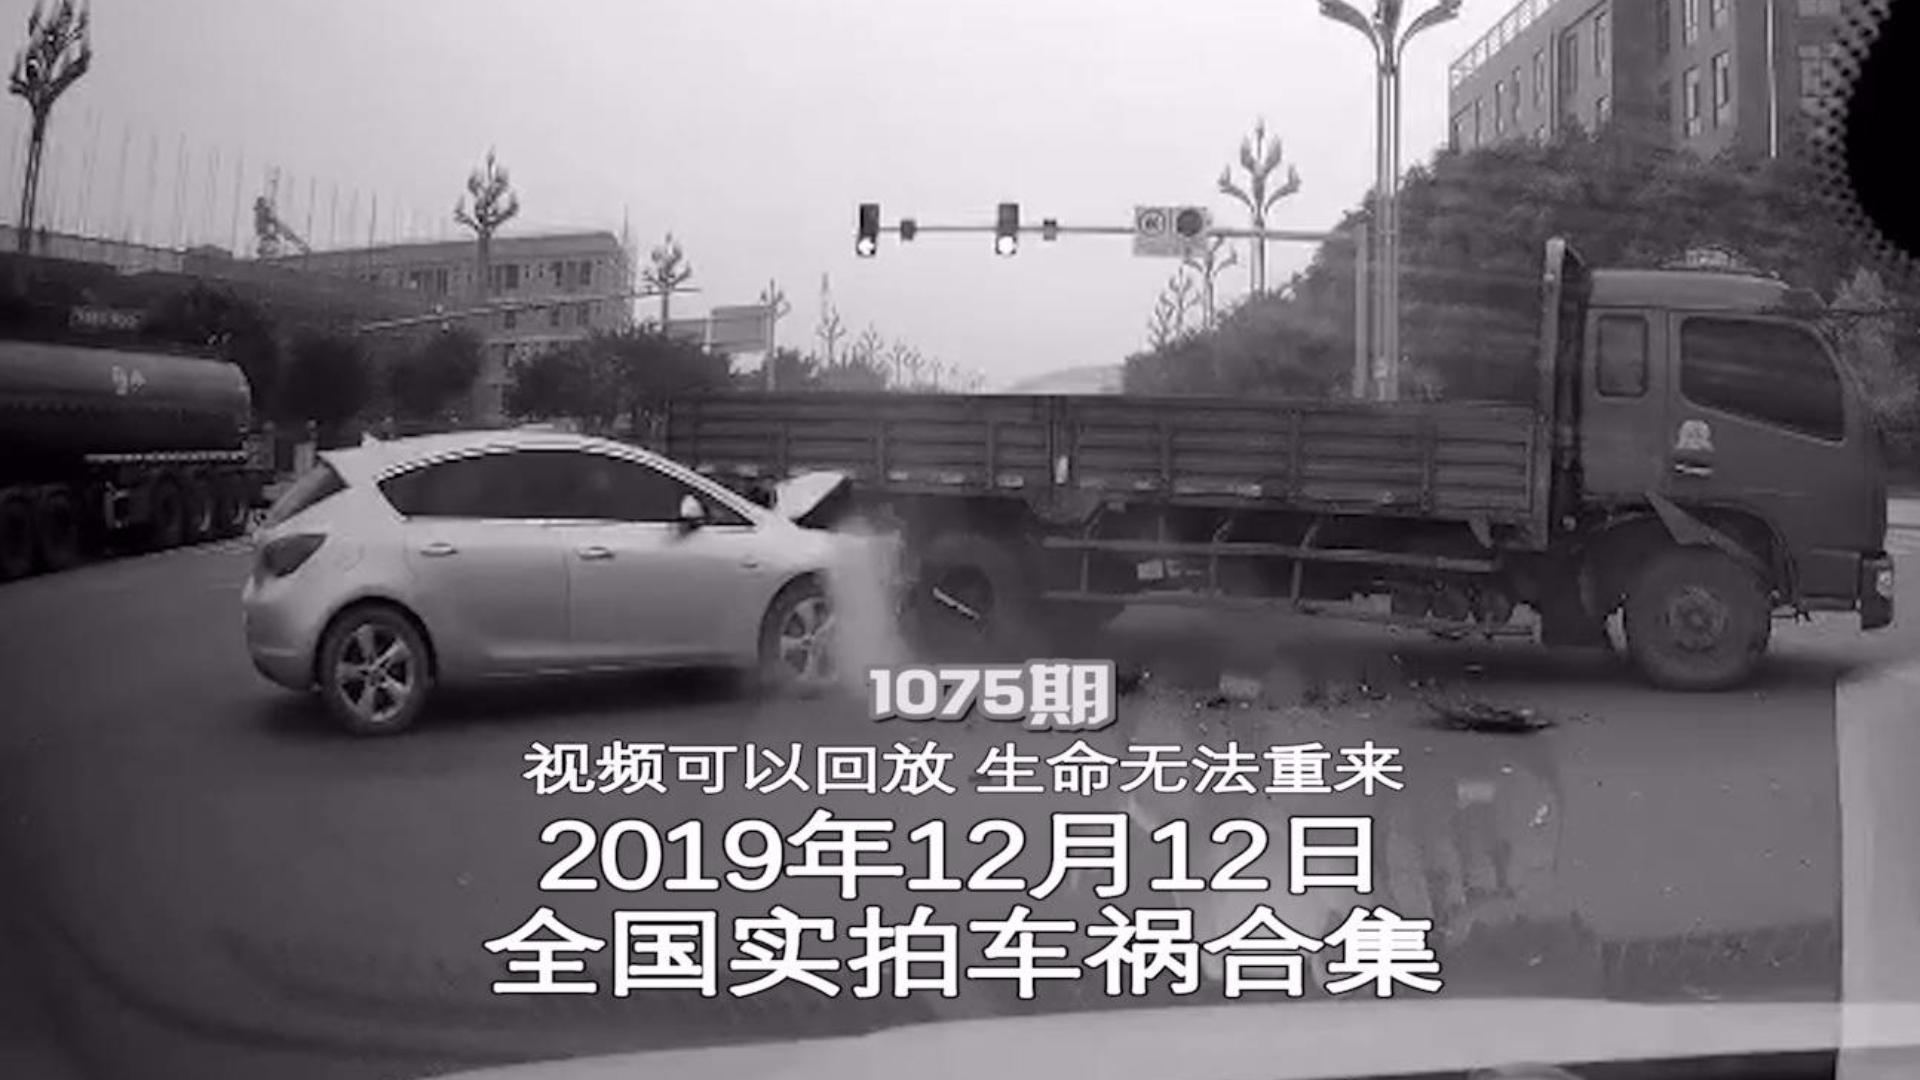 1075期:香港校巴后门没关紧小男孩意外掉落【20191212全国车祸合集】